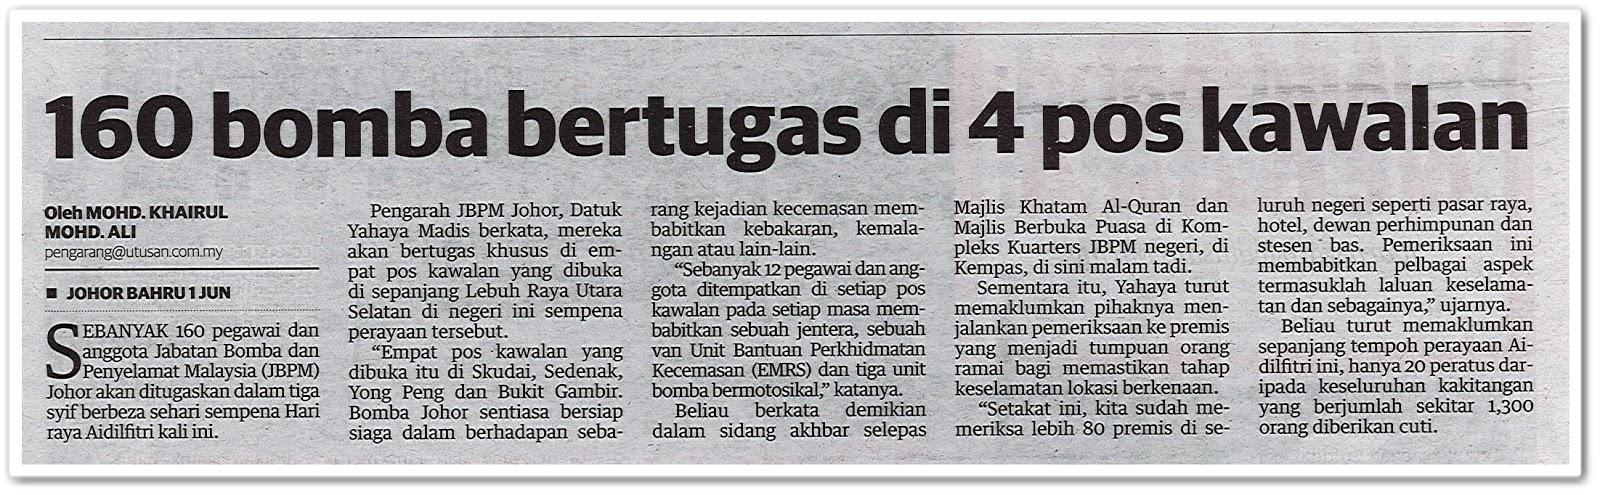 160 bomba bertugas di 4 pos kawalan - Keratan akhbar Mingguan Malaysia 2 Jun 2019